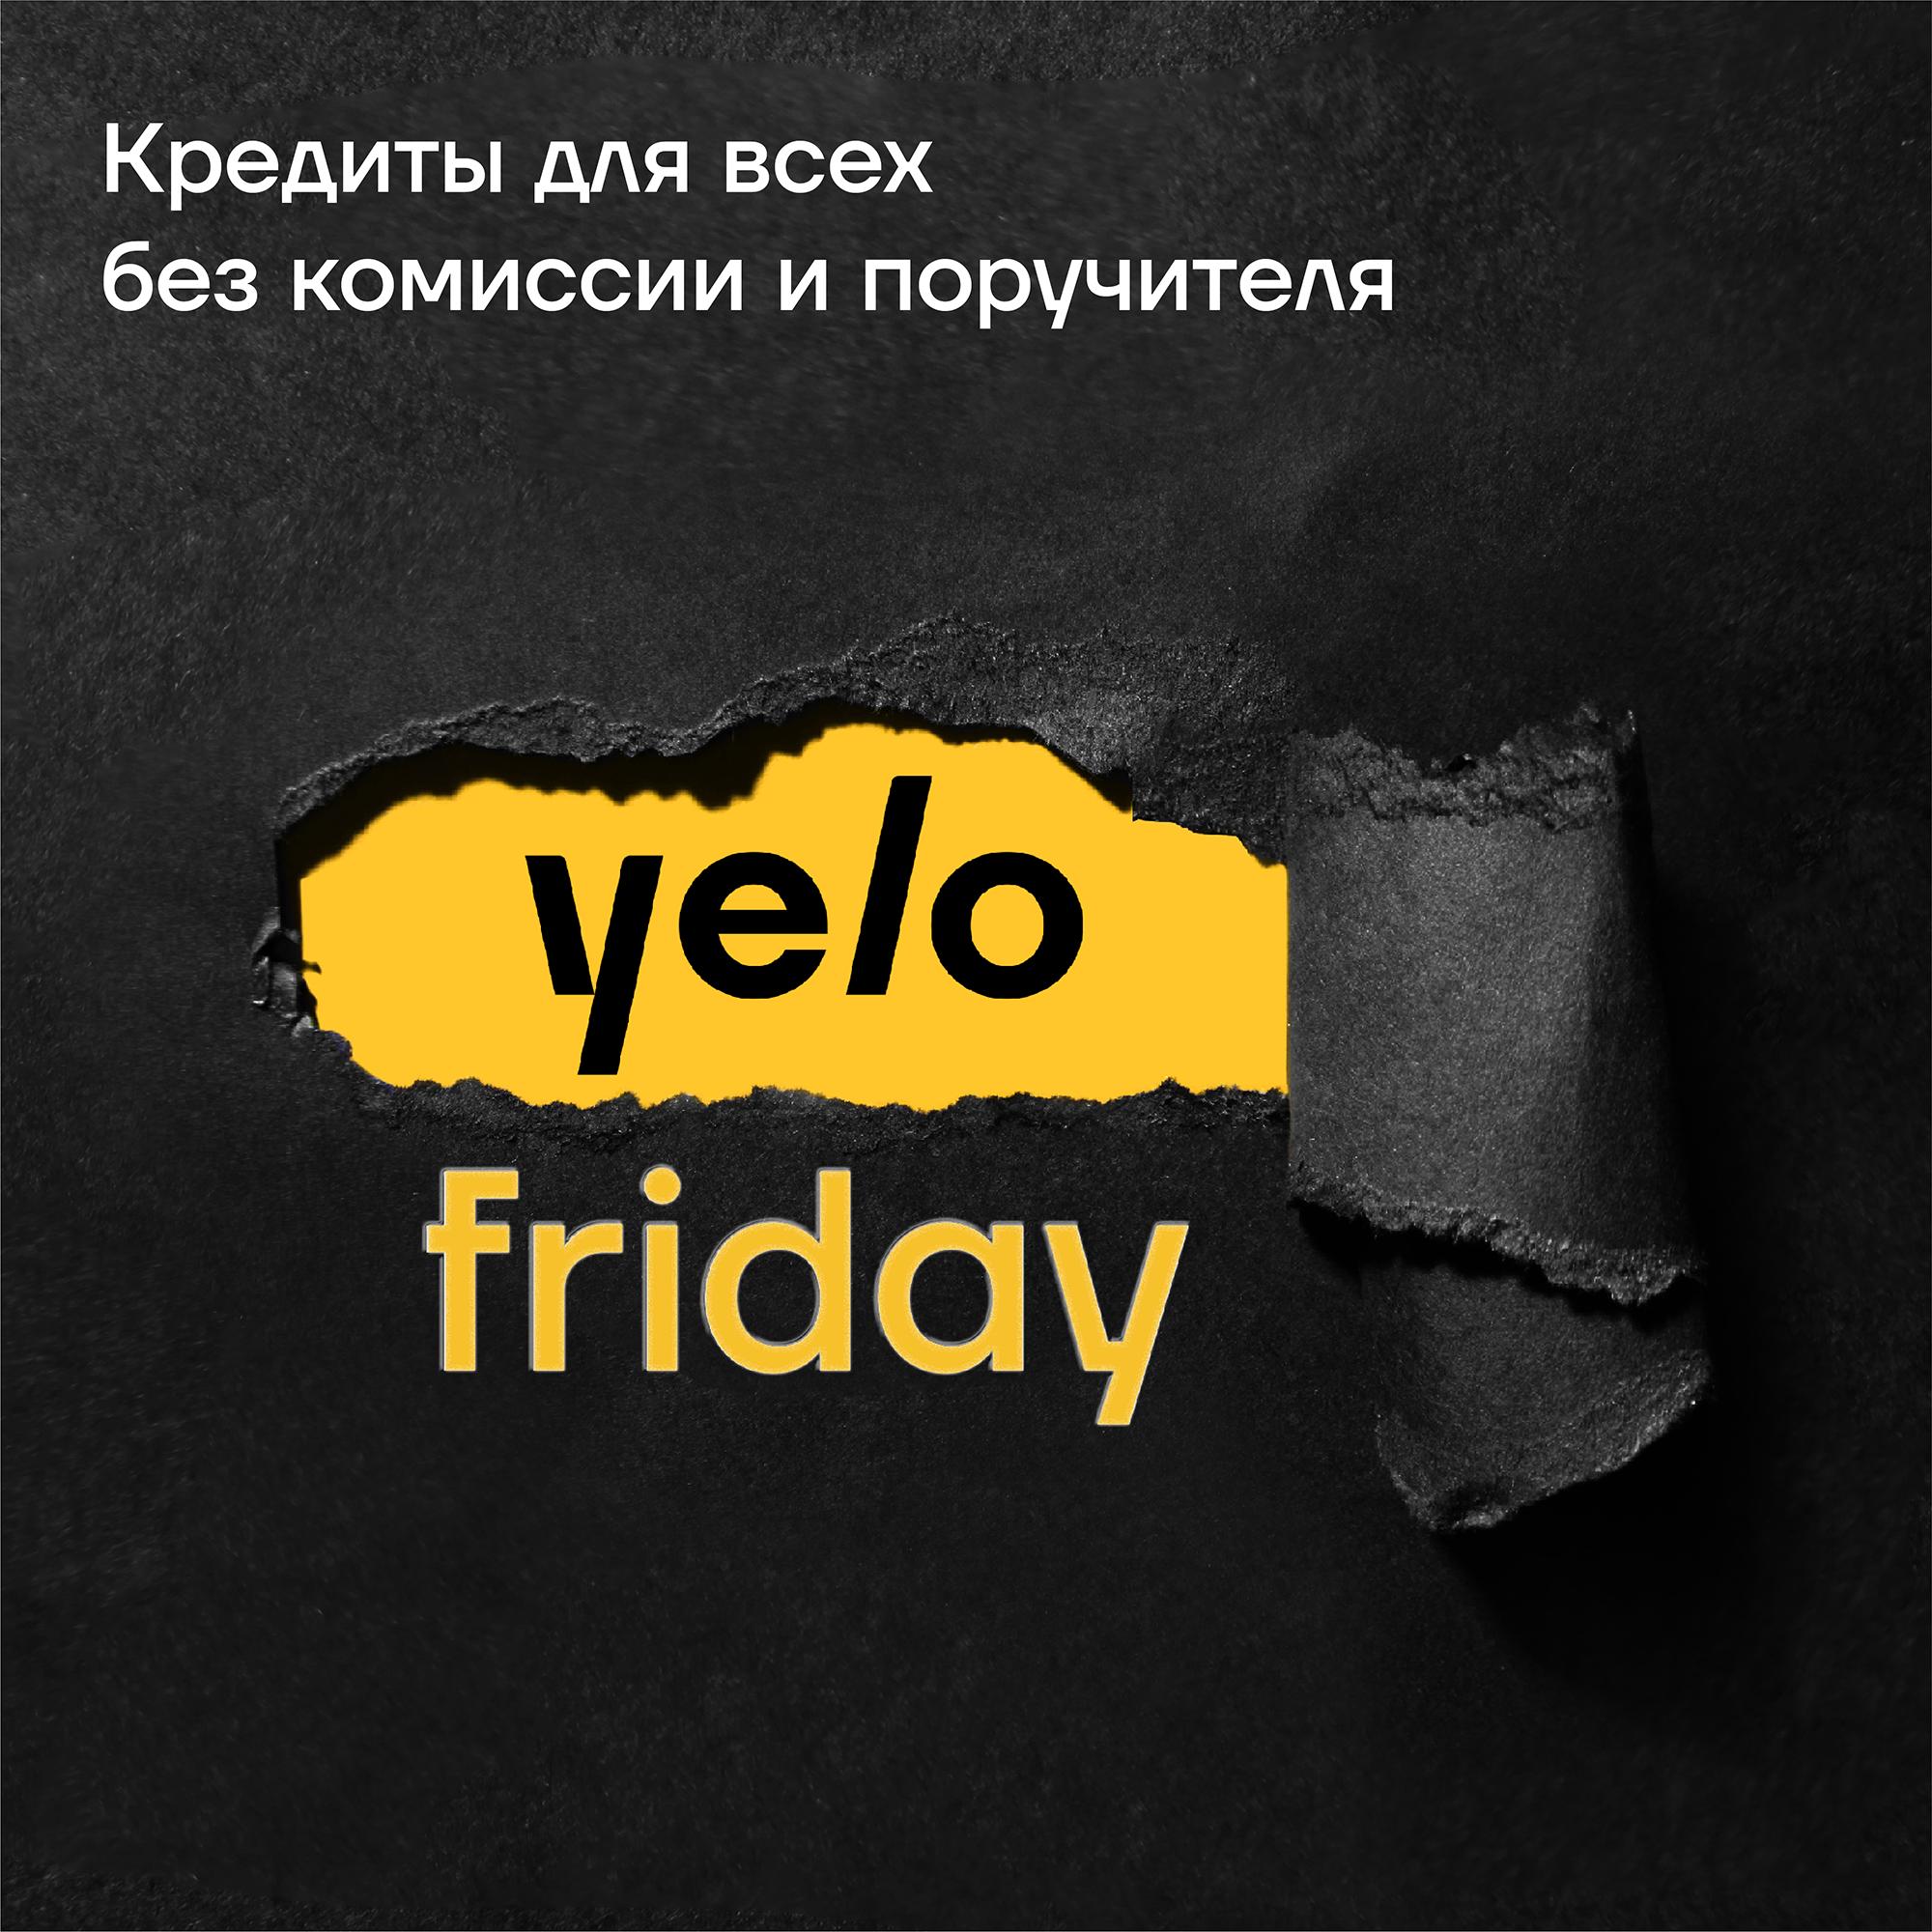 Кредиты для всех без комиссии и поручителя от Yelo Bank